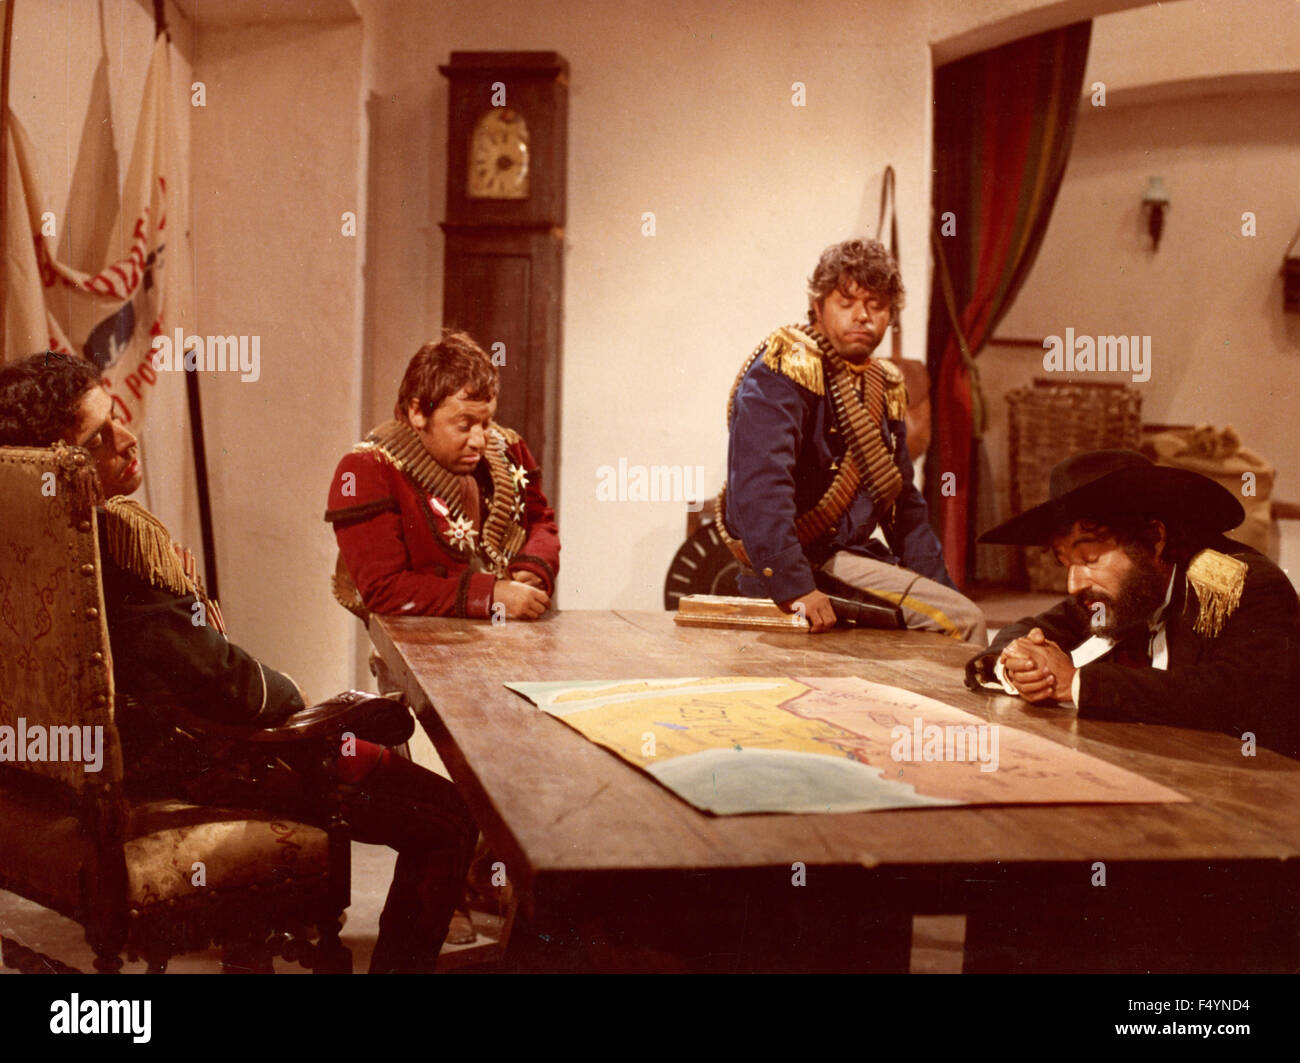 Paolo Villaggio, Lino Toffolo, Enrico Montesano e Oreste Lionello in the movie 'I Quattro del Pater Noster', - Stock Image